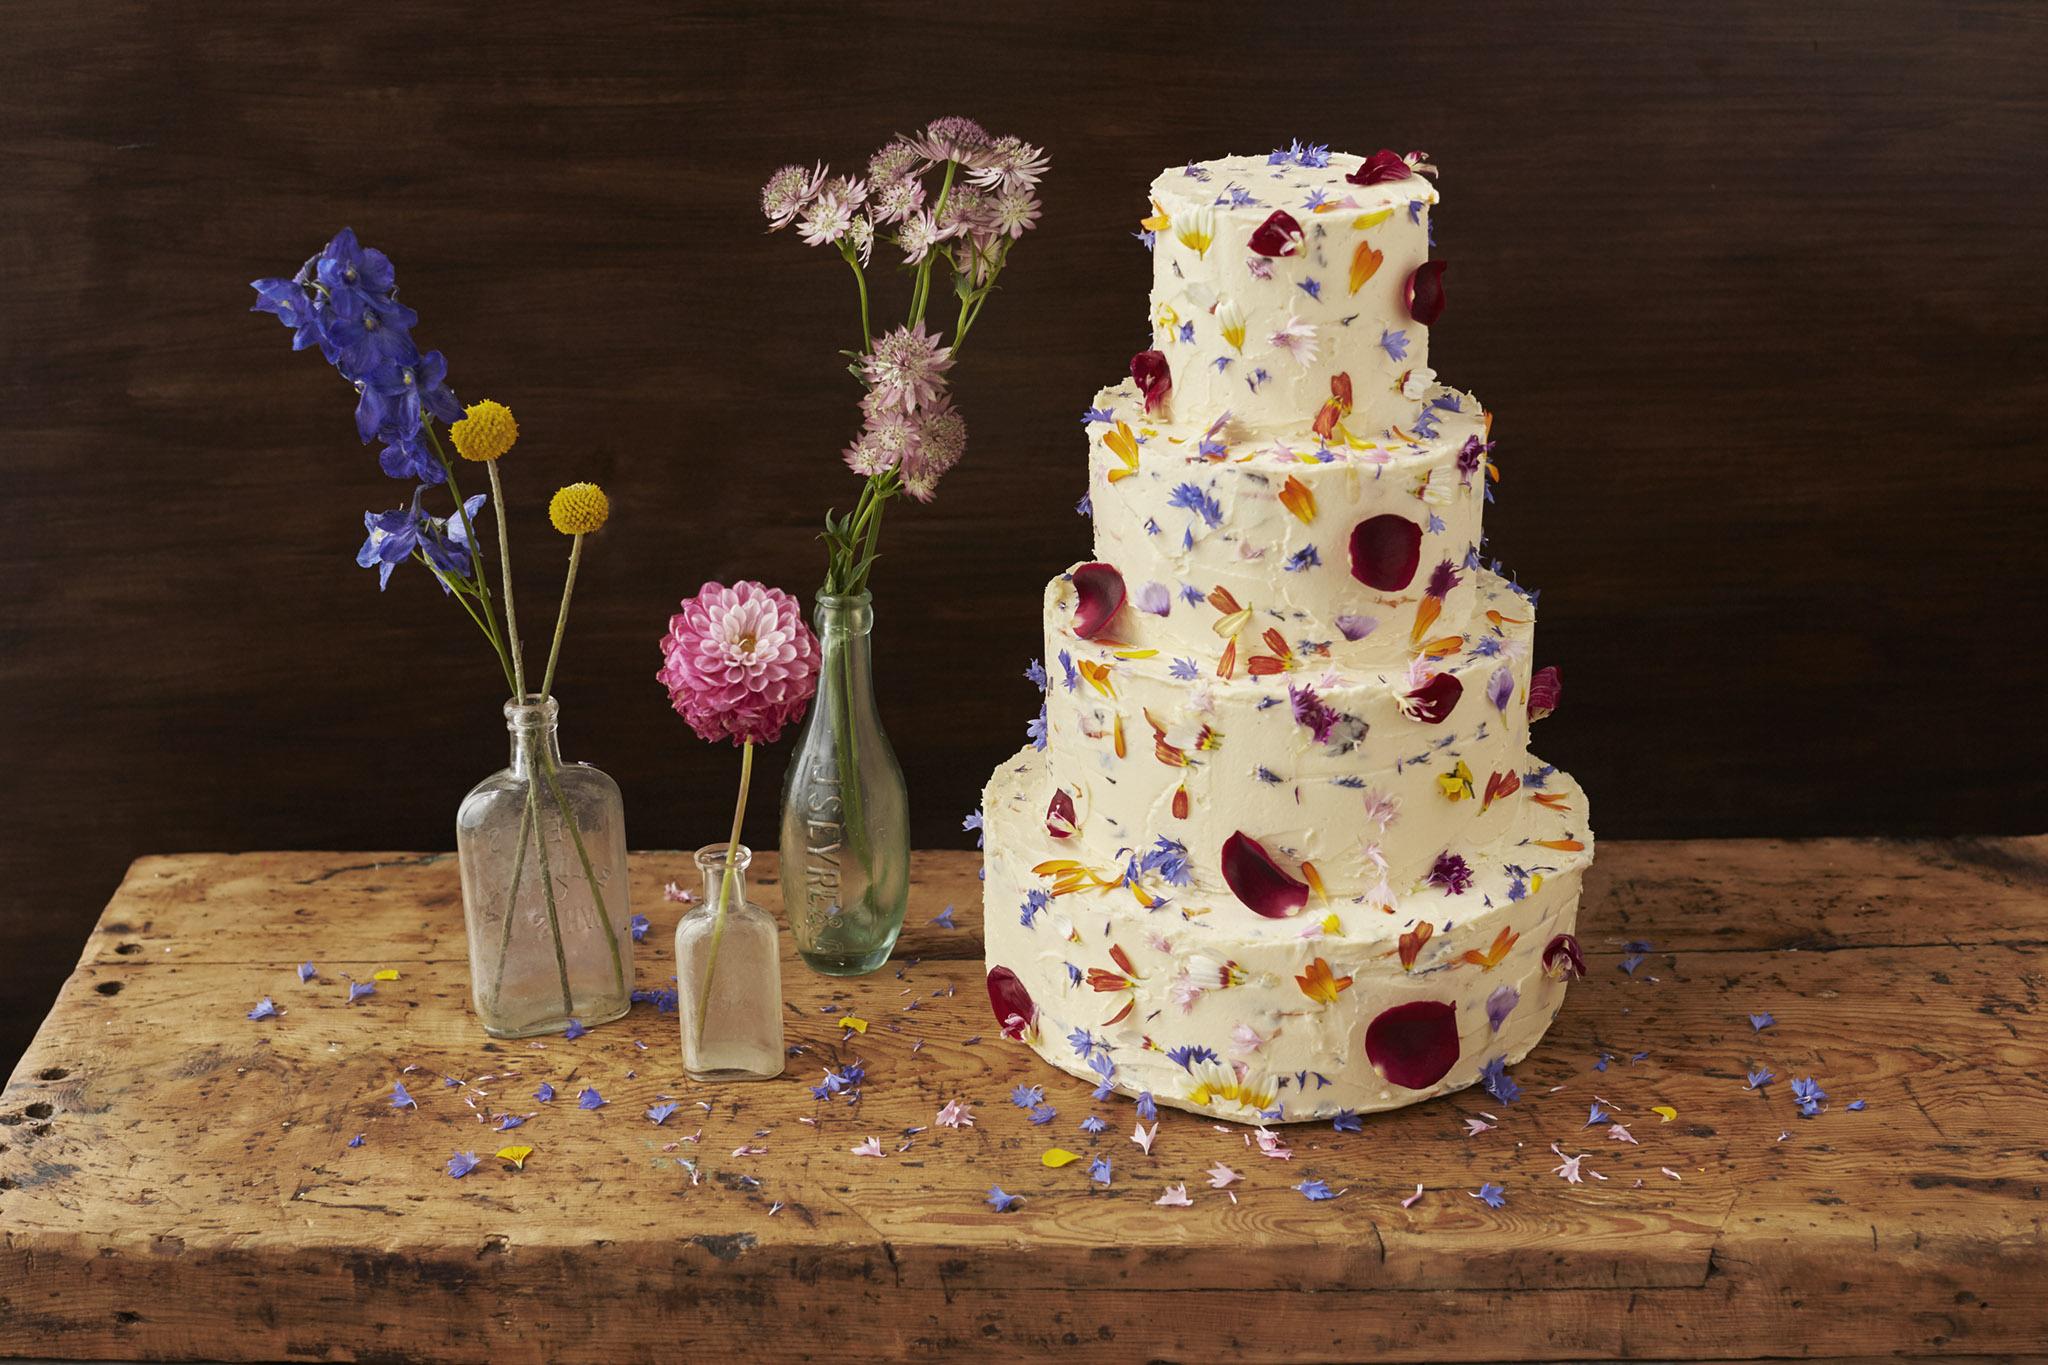 食べられるお花<エディブルフラワー>のウェディングケーキ*おしゃれなデザイン集 で紹介している画像